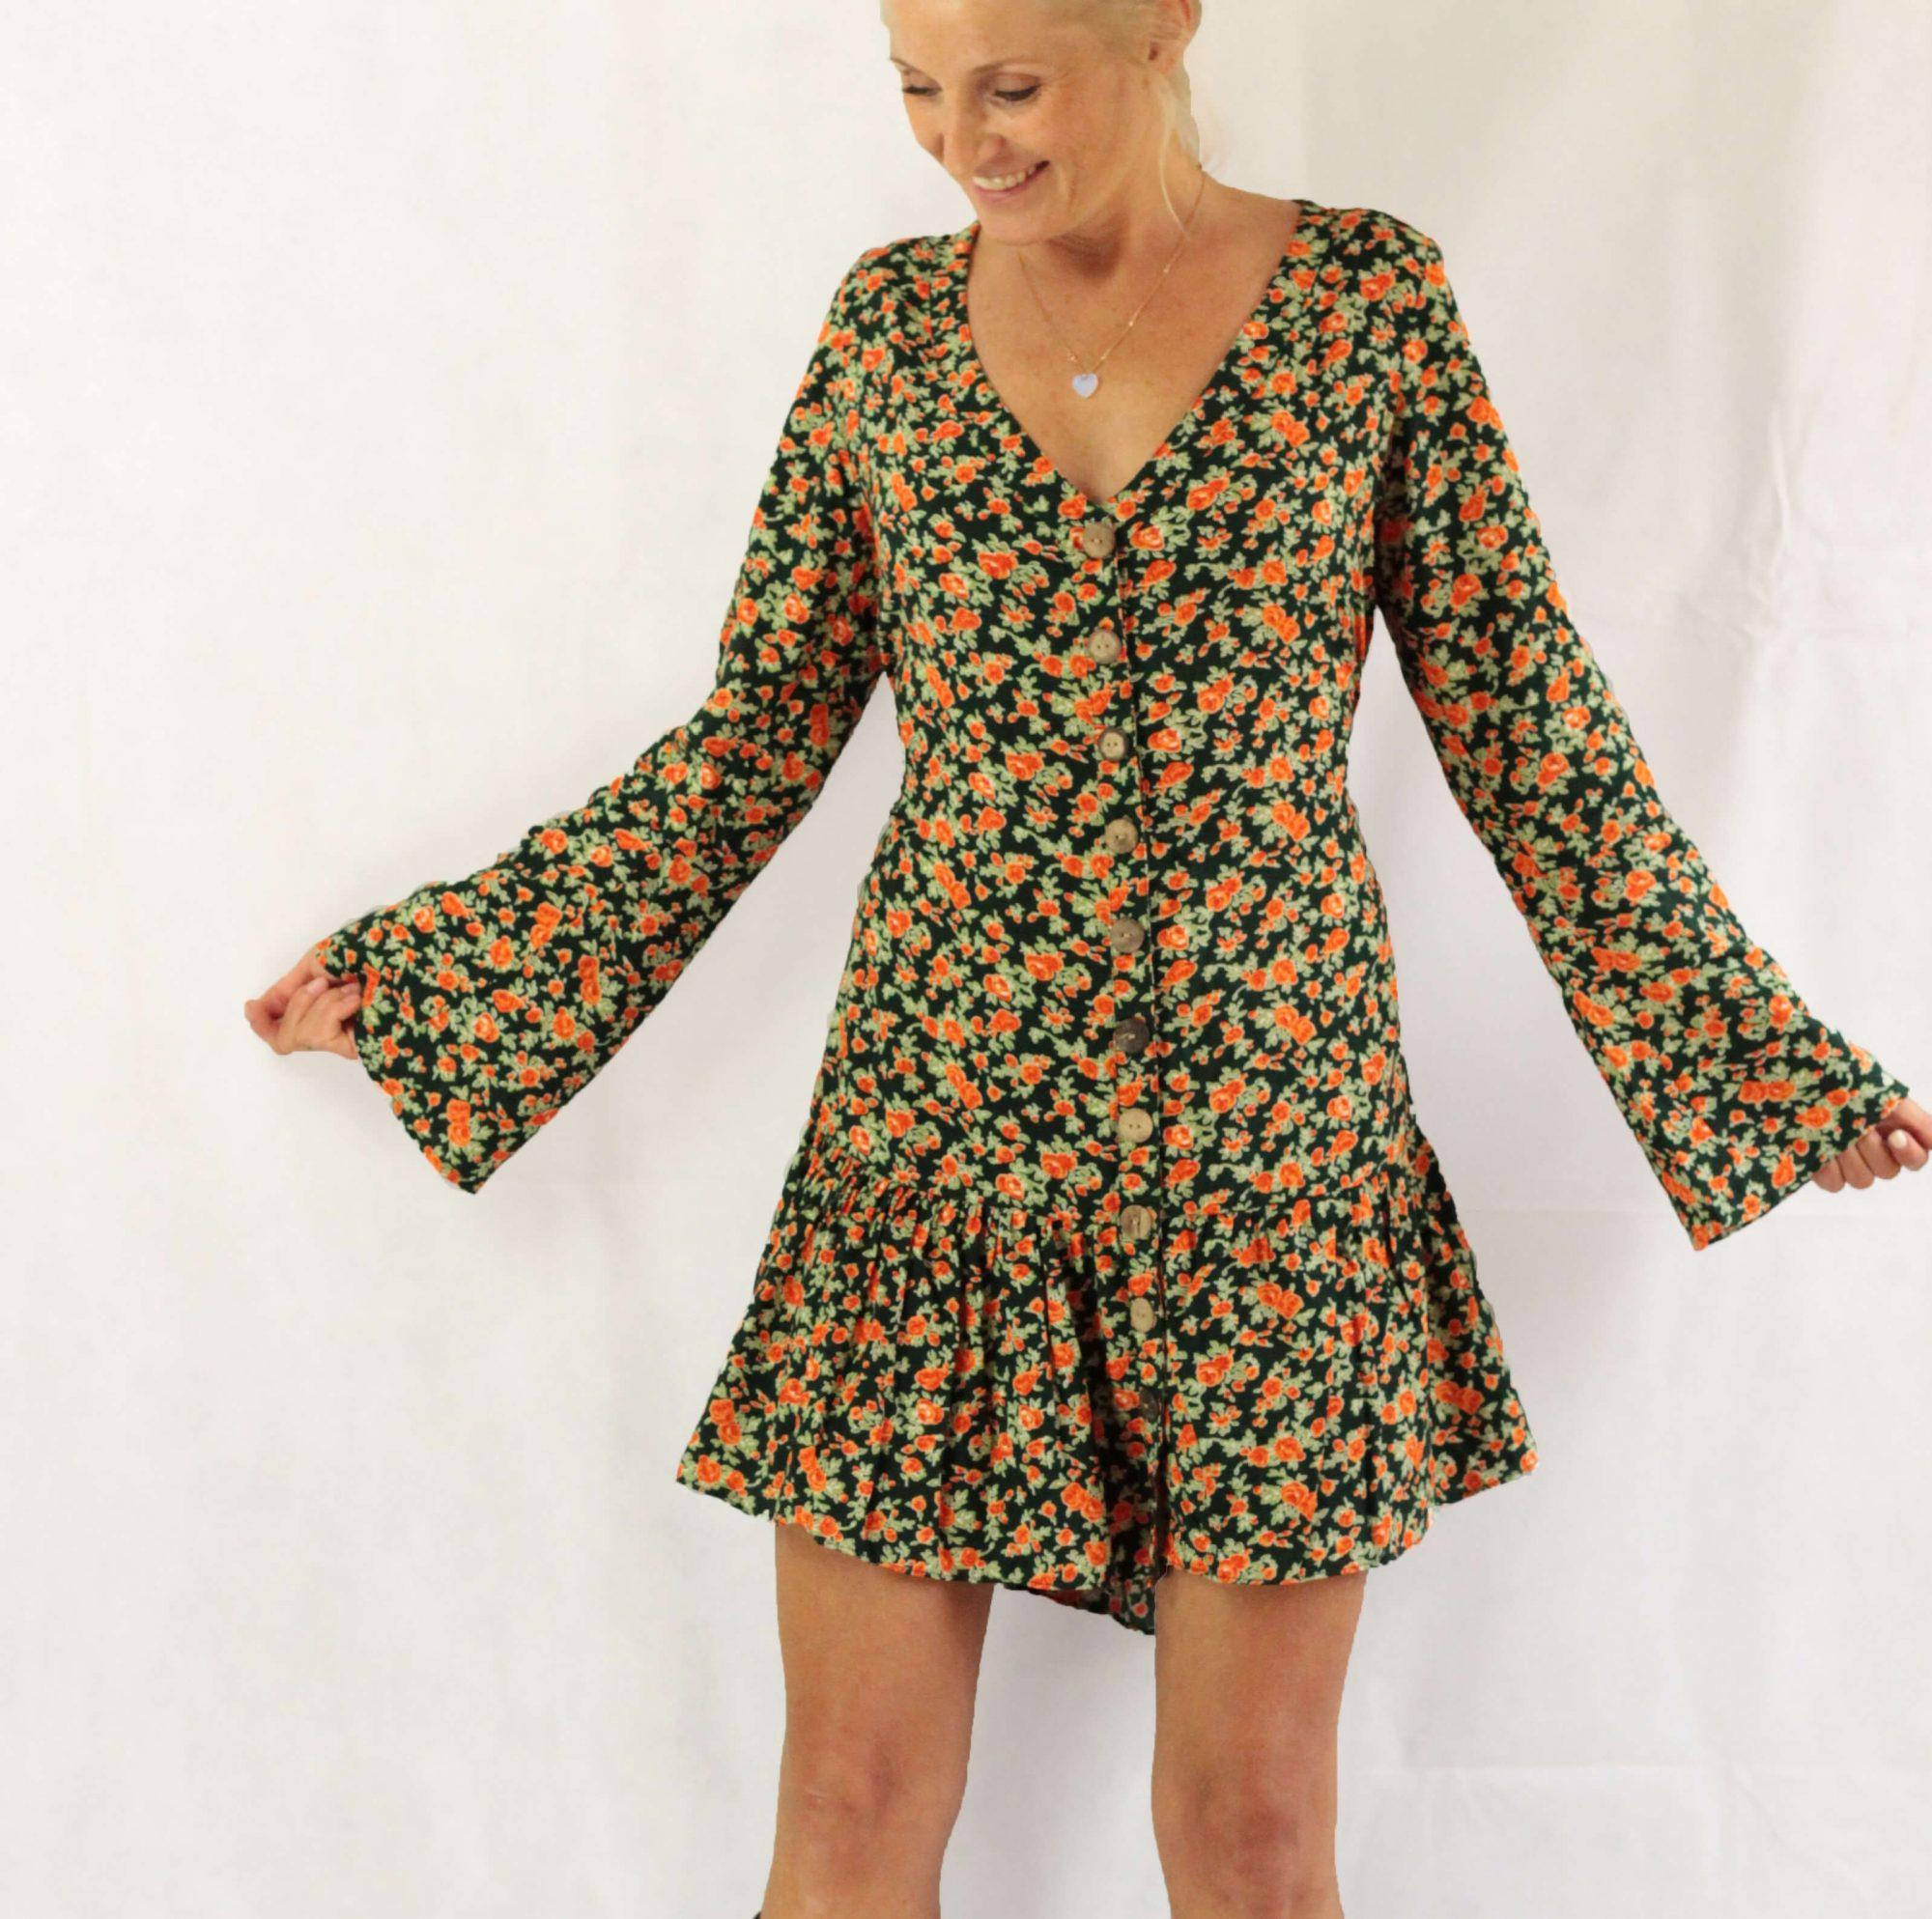 Formal Genial Kleid Orange Kurz Stylish15 Einzigartig Kleid Orange Kurz Spezialgebiet